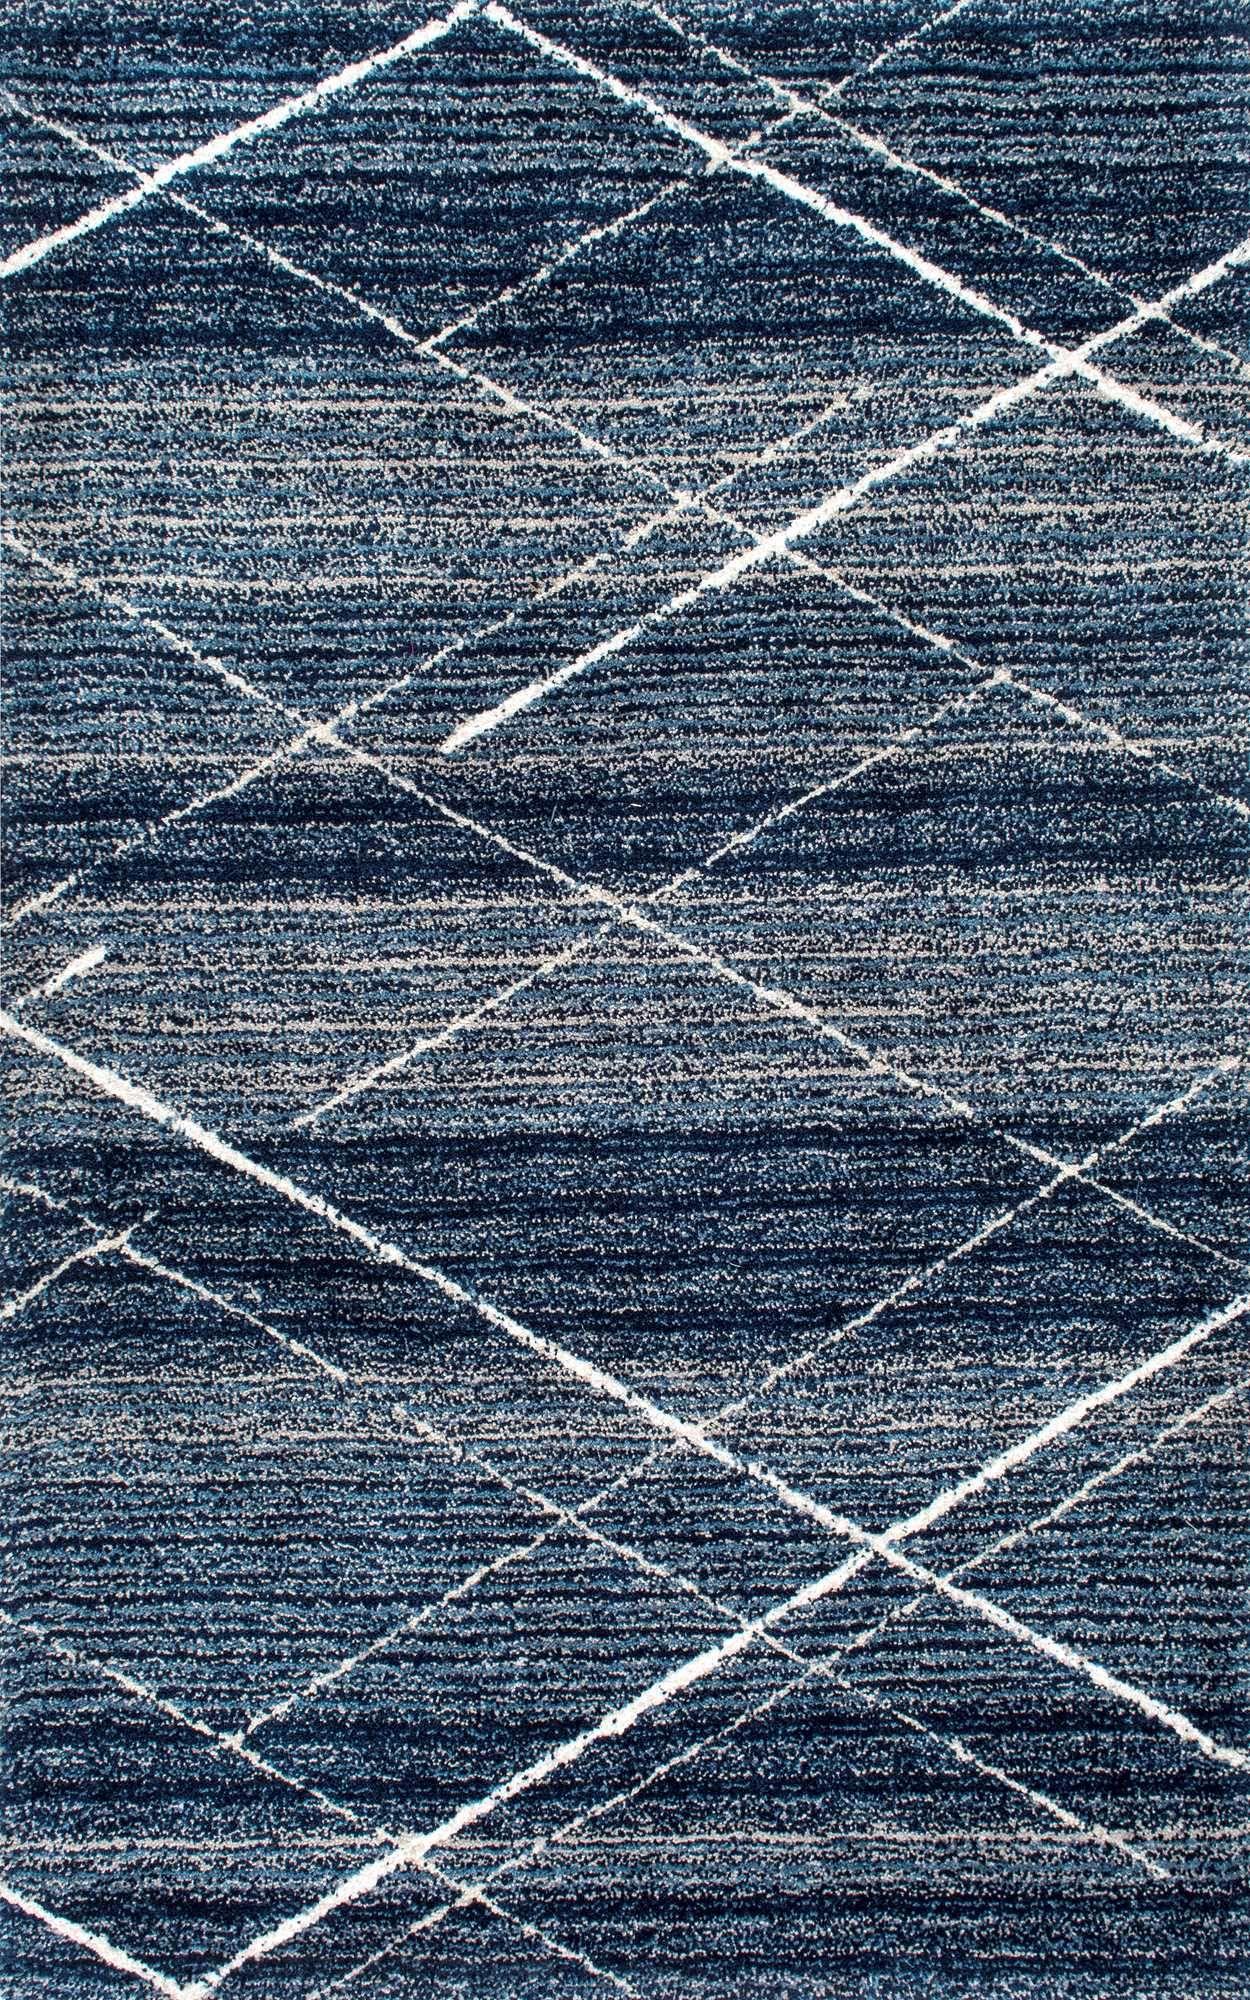 Snowpeak Diamond Trellis Shag Blue Rug Textured Carpet Blue Rug Blue Area Rugs